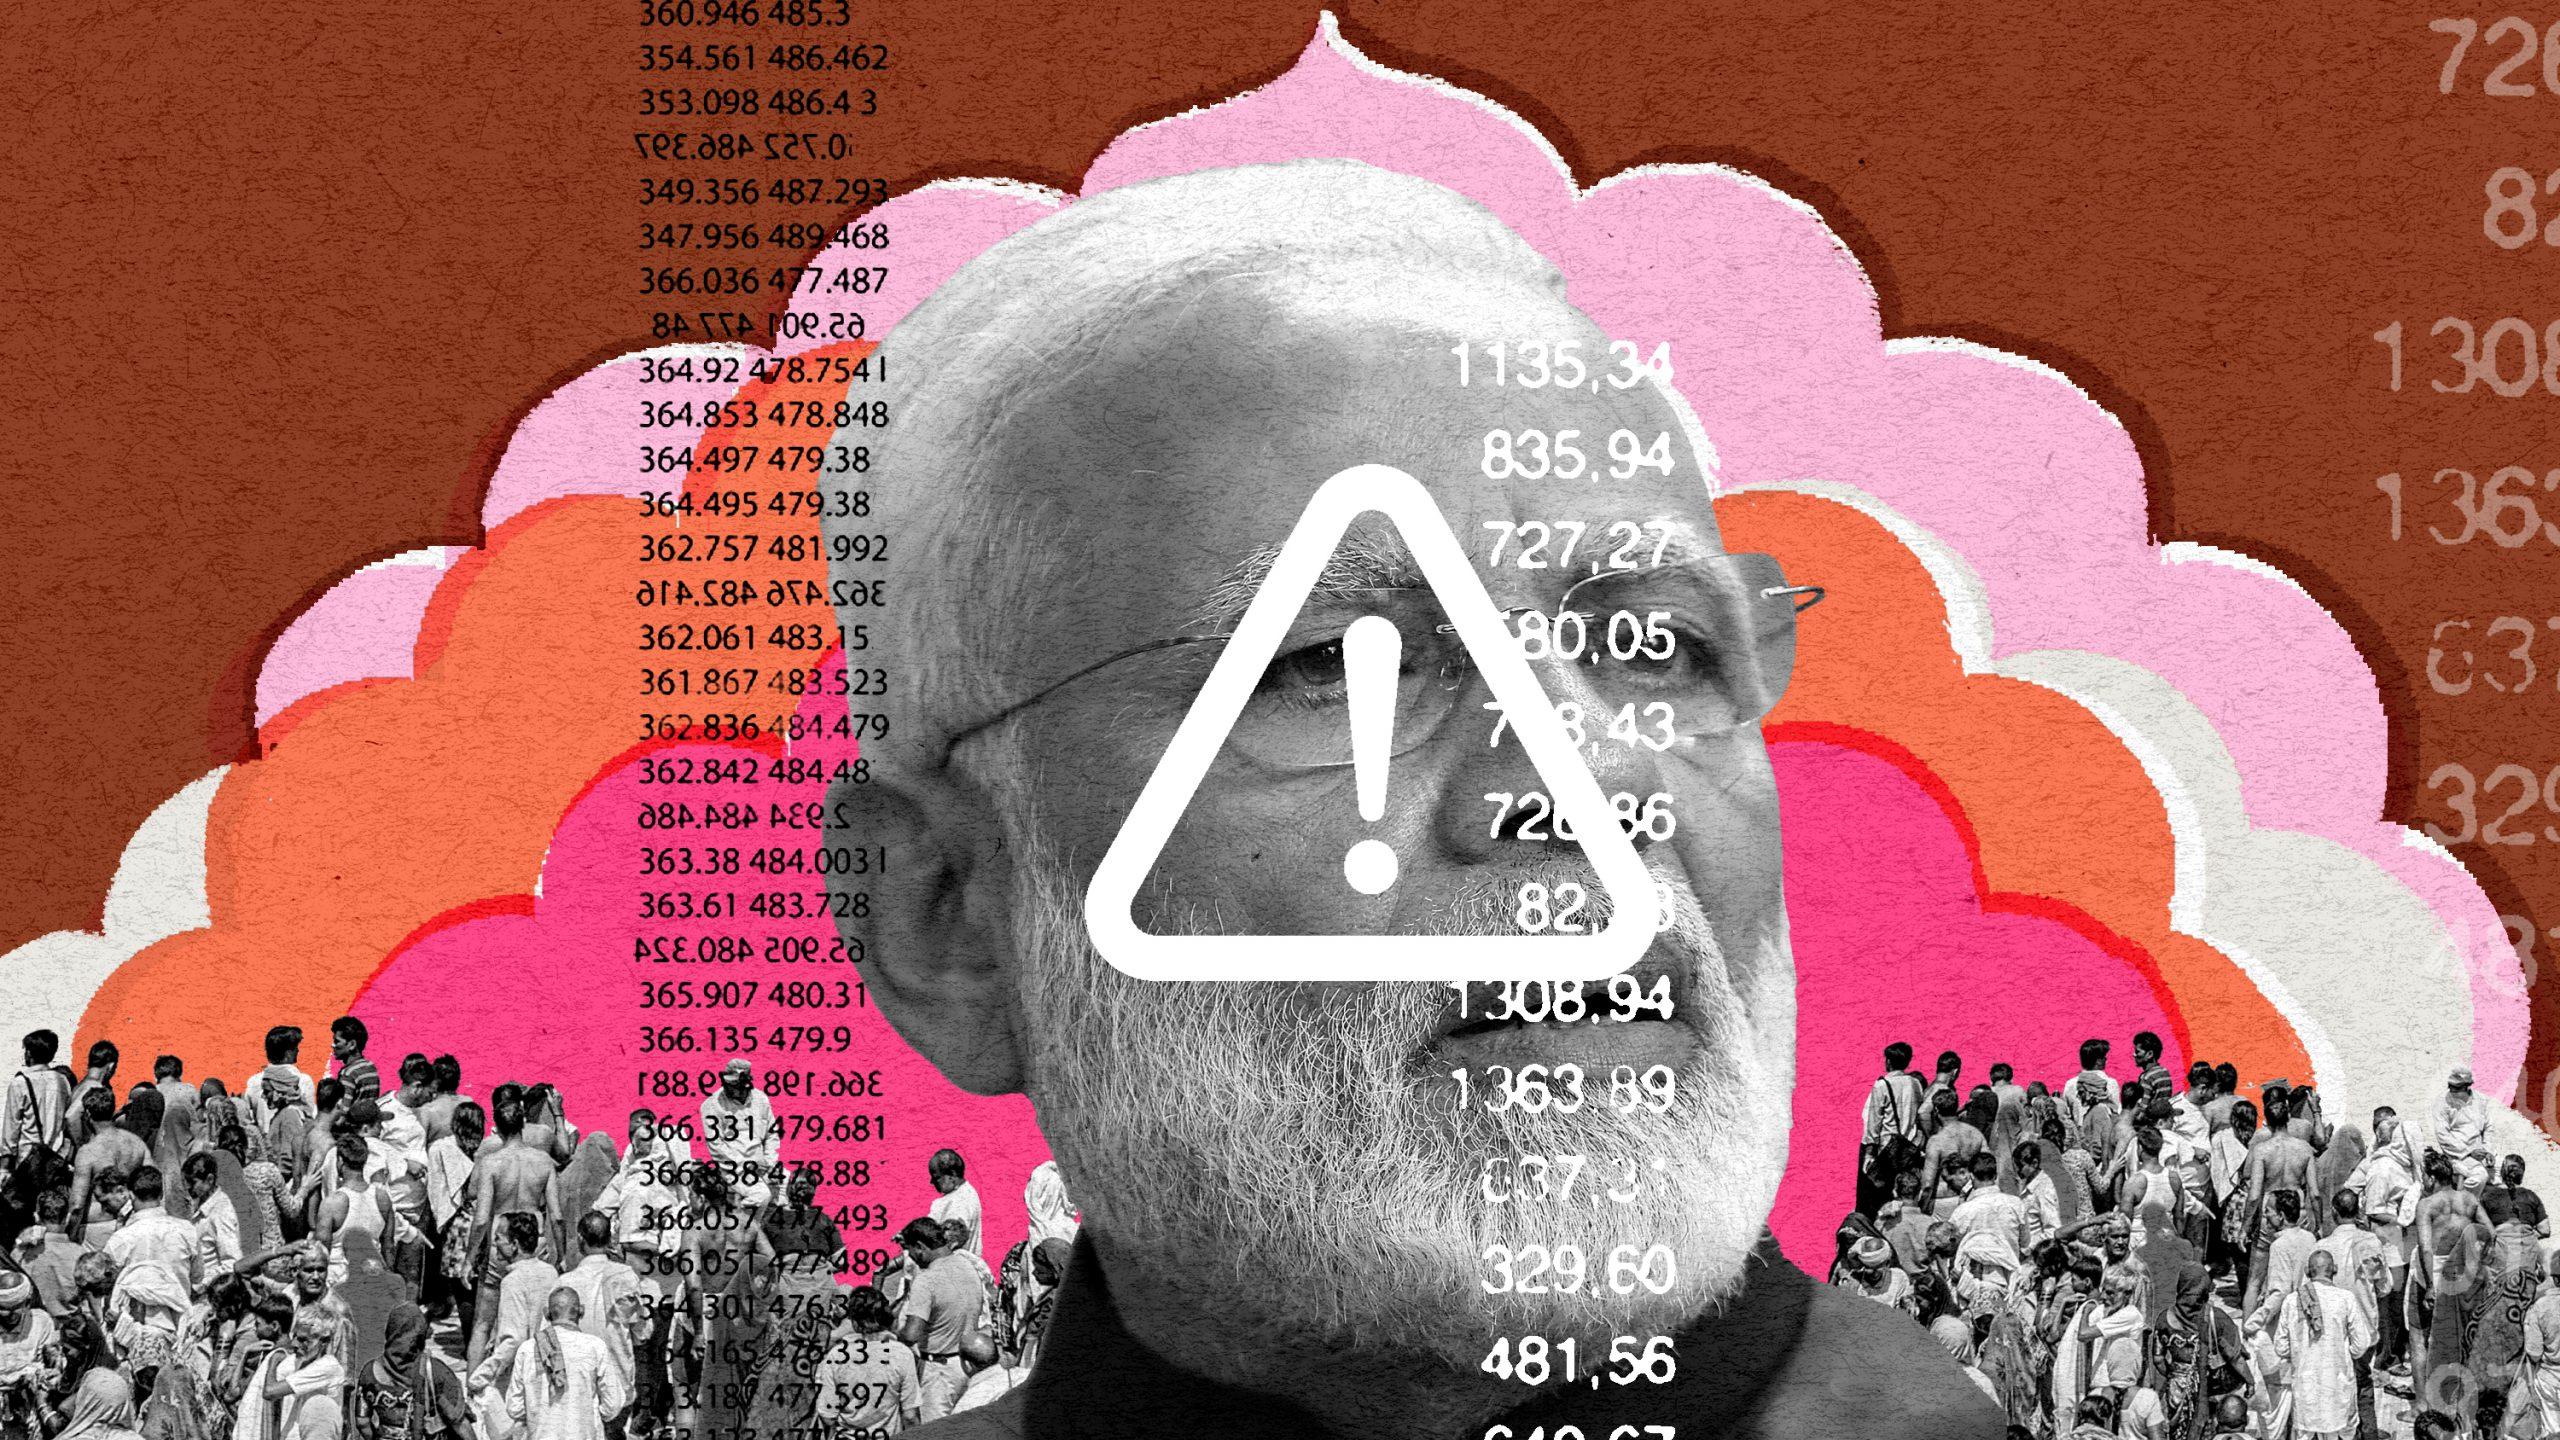 無計画な封鎖、ワクチン輸出 相次ぐ失策が招いた 「インドの危機」